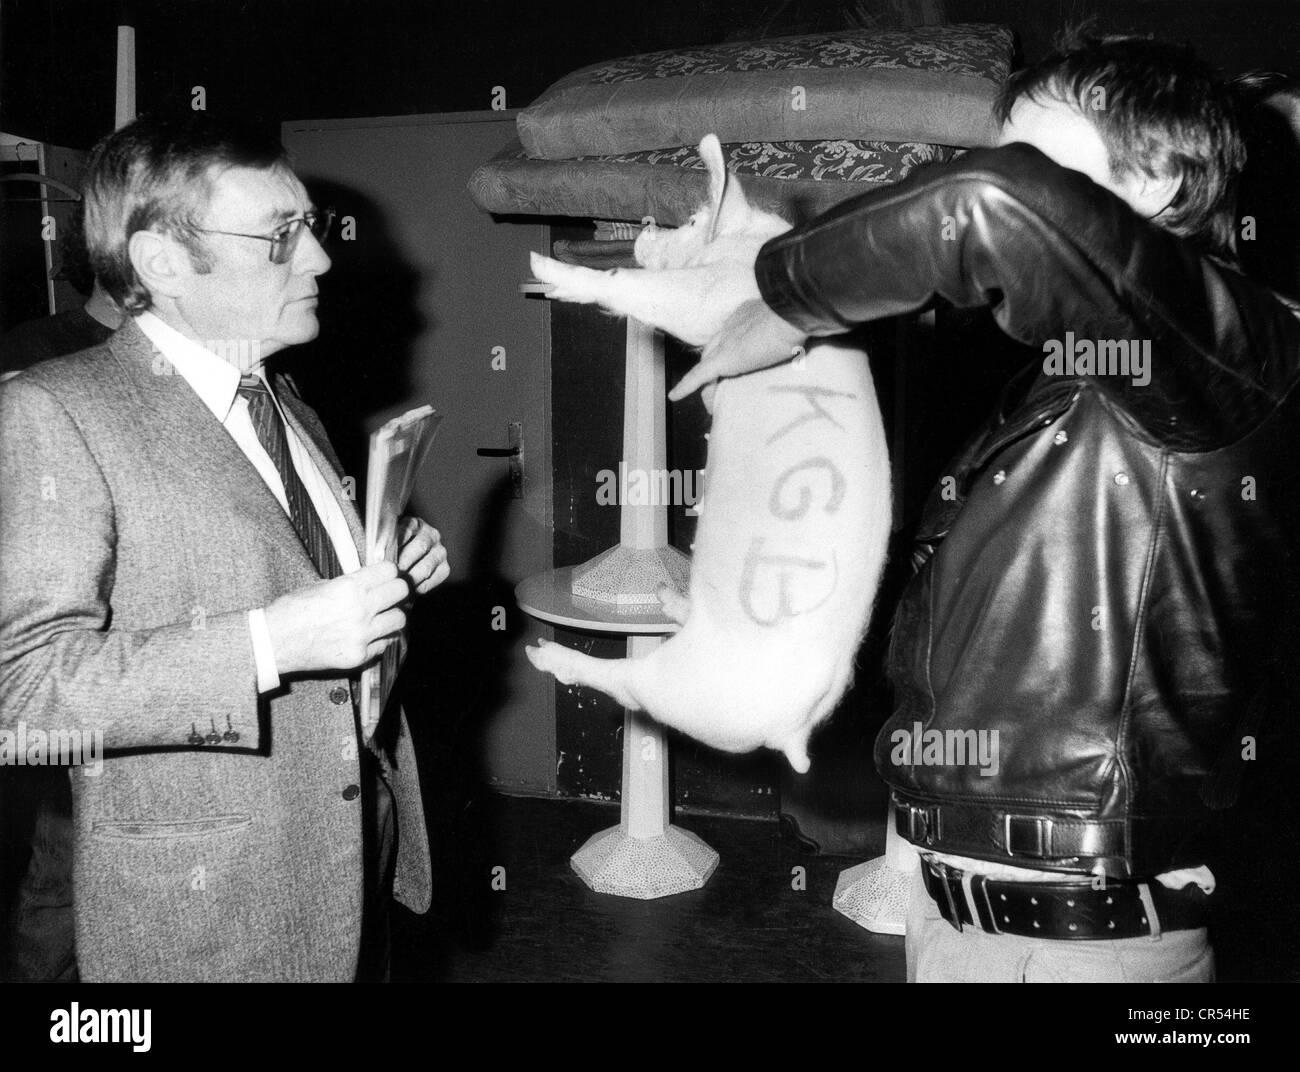 Augstein, Rudolf, 5.11.1923 - 7.11.2002, German journalist, editor of 'Der Spiegel', presentation, 'Speeches - Stock Image